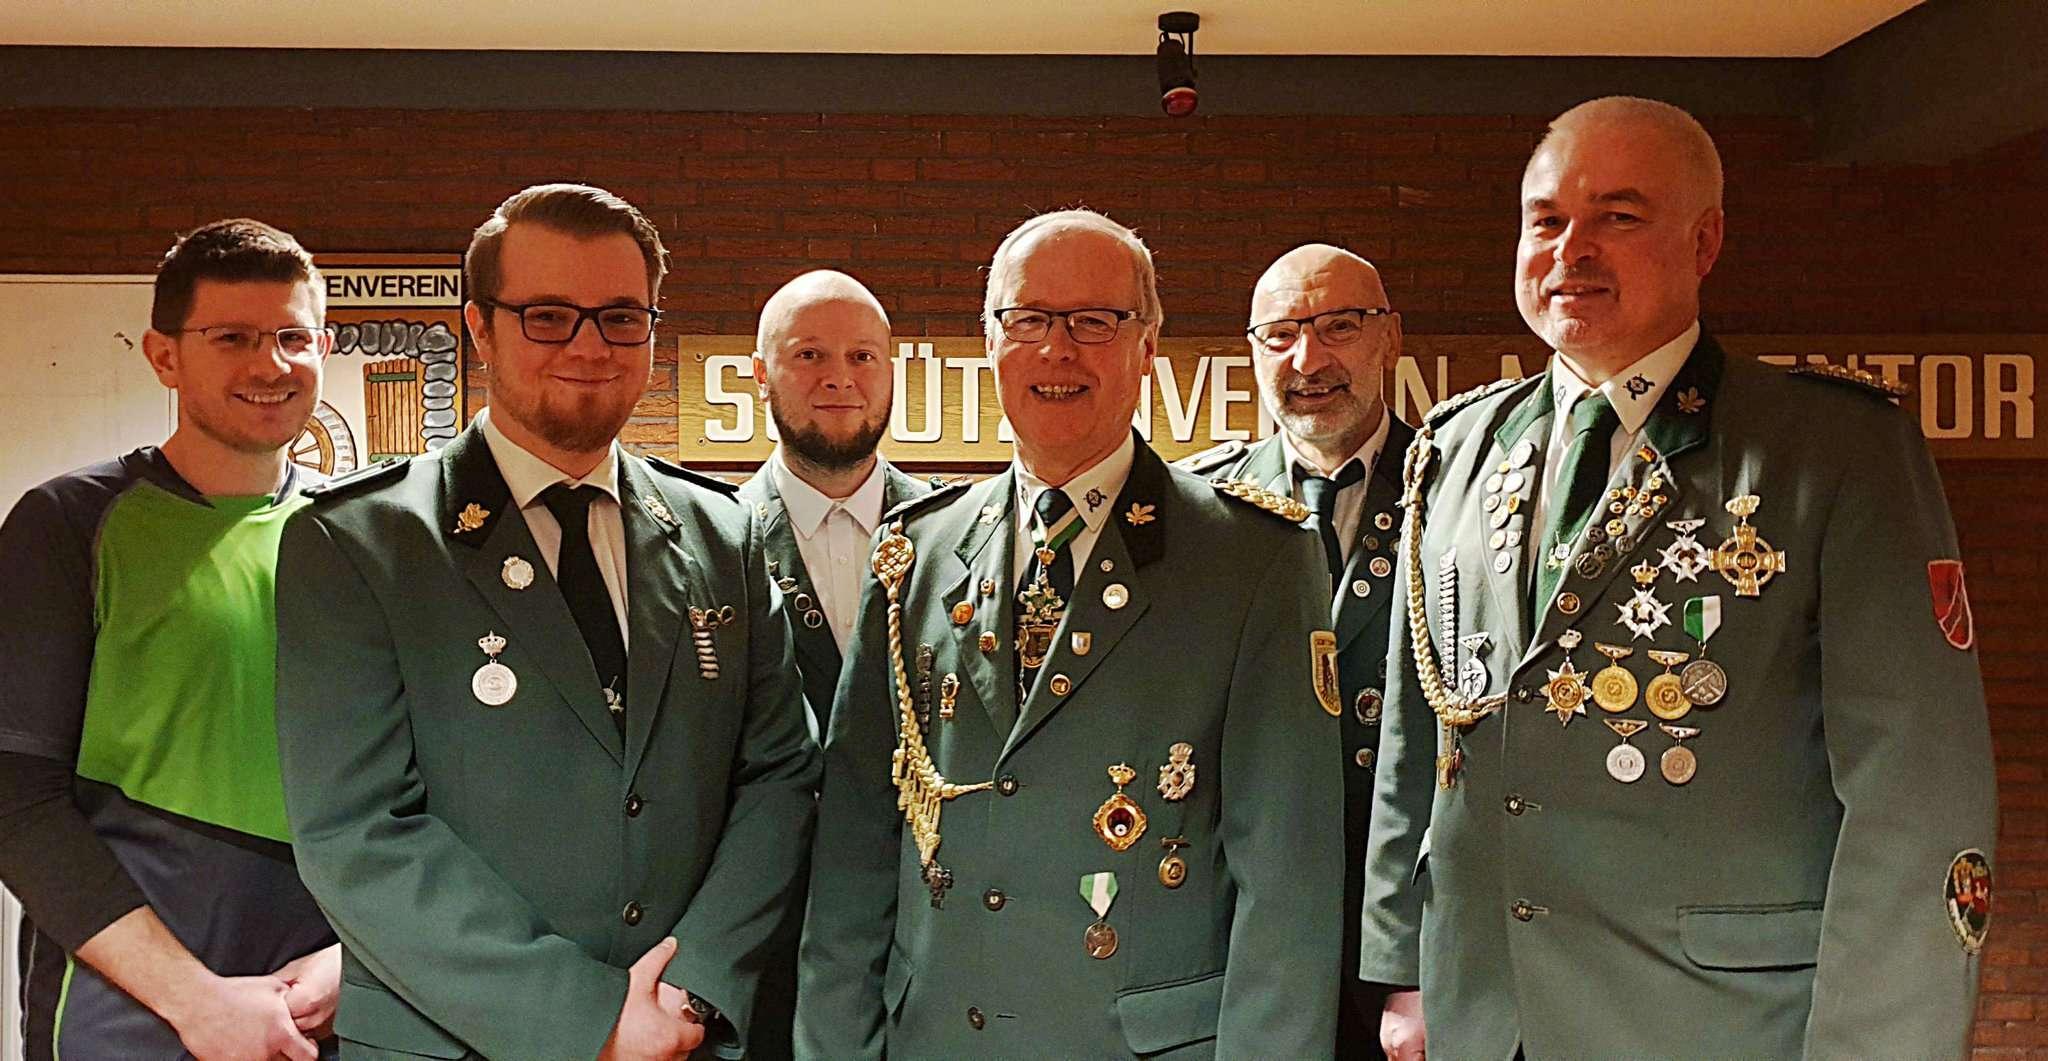 Der neue Vorstand der SSG Mühlentor-Oyten (von links): Sven Gold, Florian Radtke, Martin Lewartowicz, Johann Bollmann,Rudi Meyer und Gerhard Bischoff Fotos: Tobias Woelki